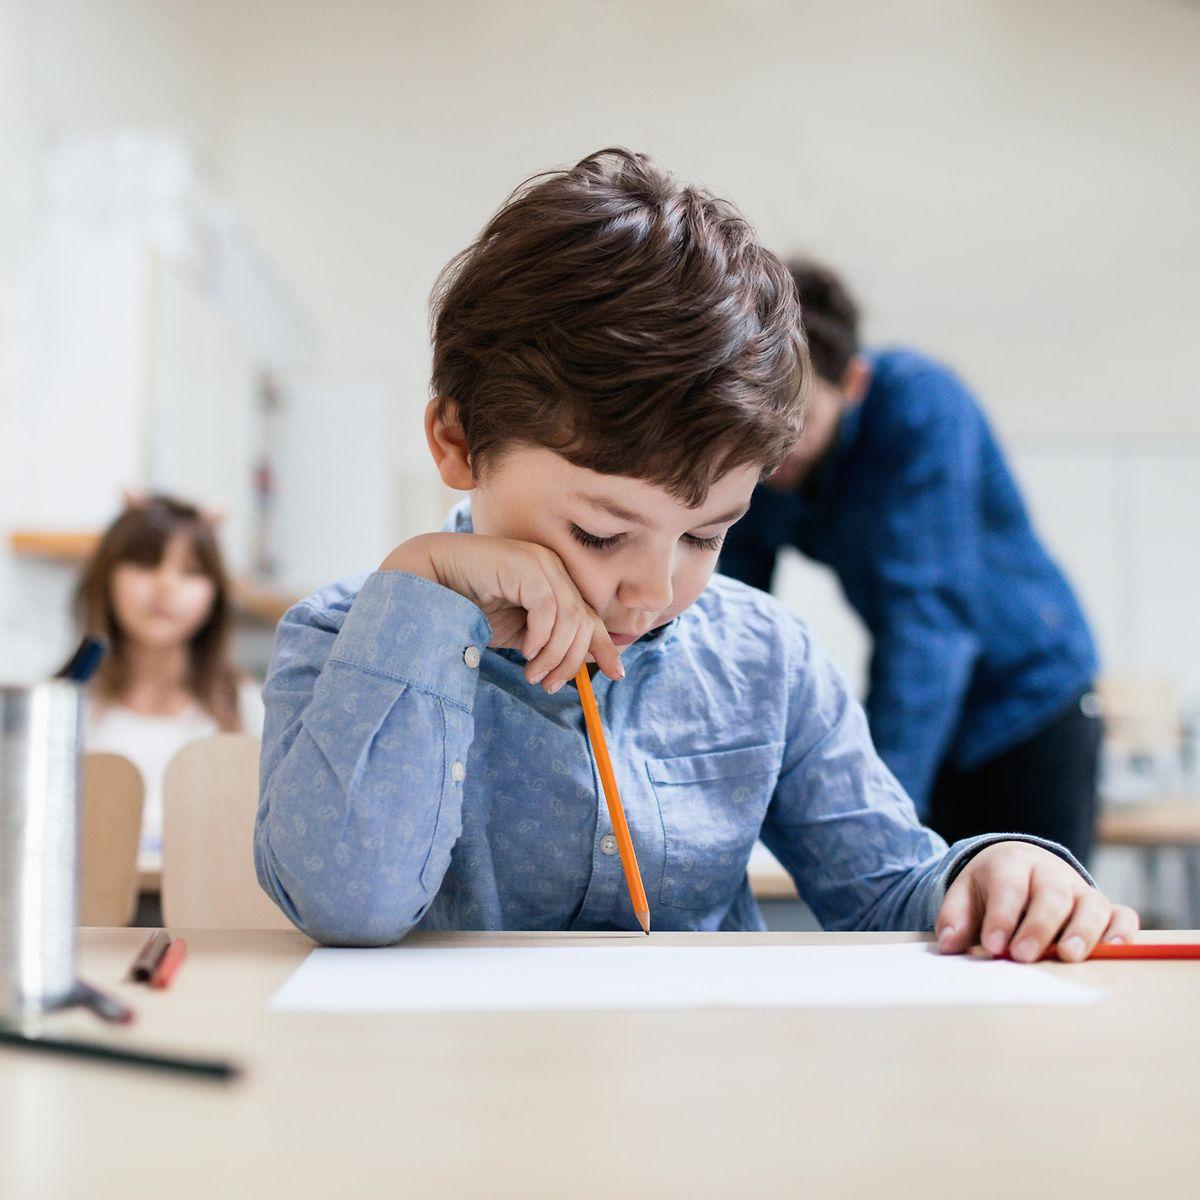 Was Ist Schulangst? | Die Techniker bei Kind Verweigert Schule